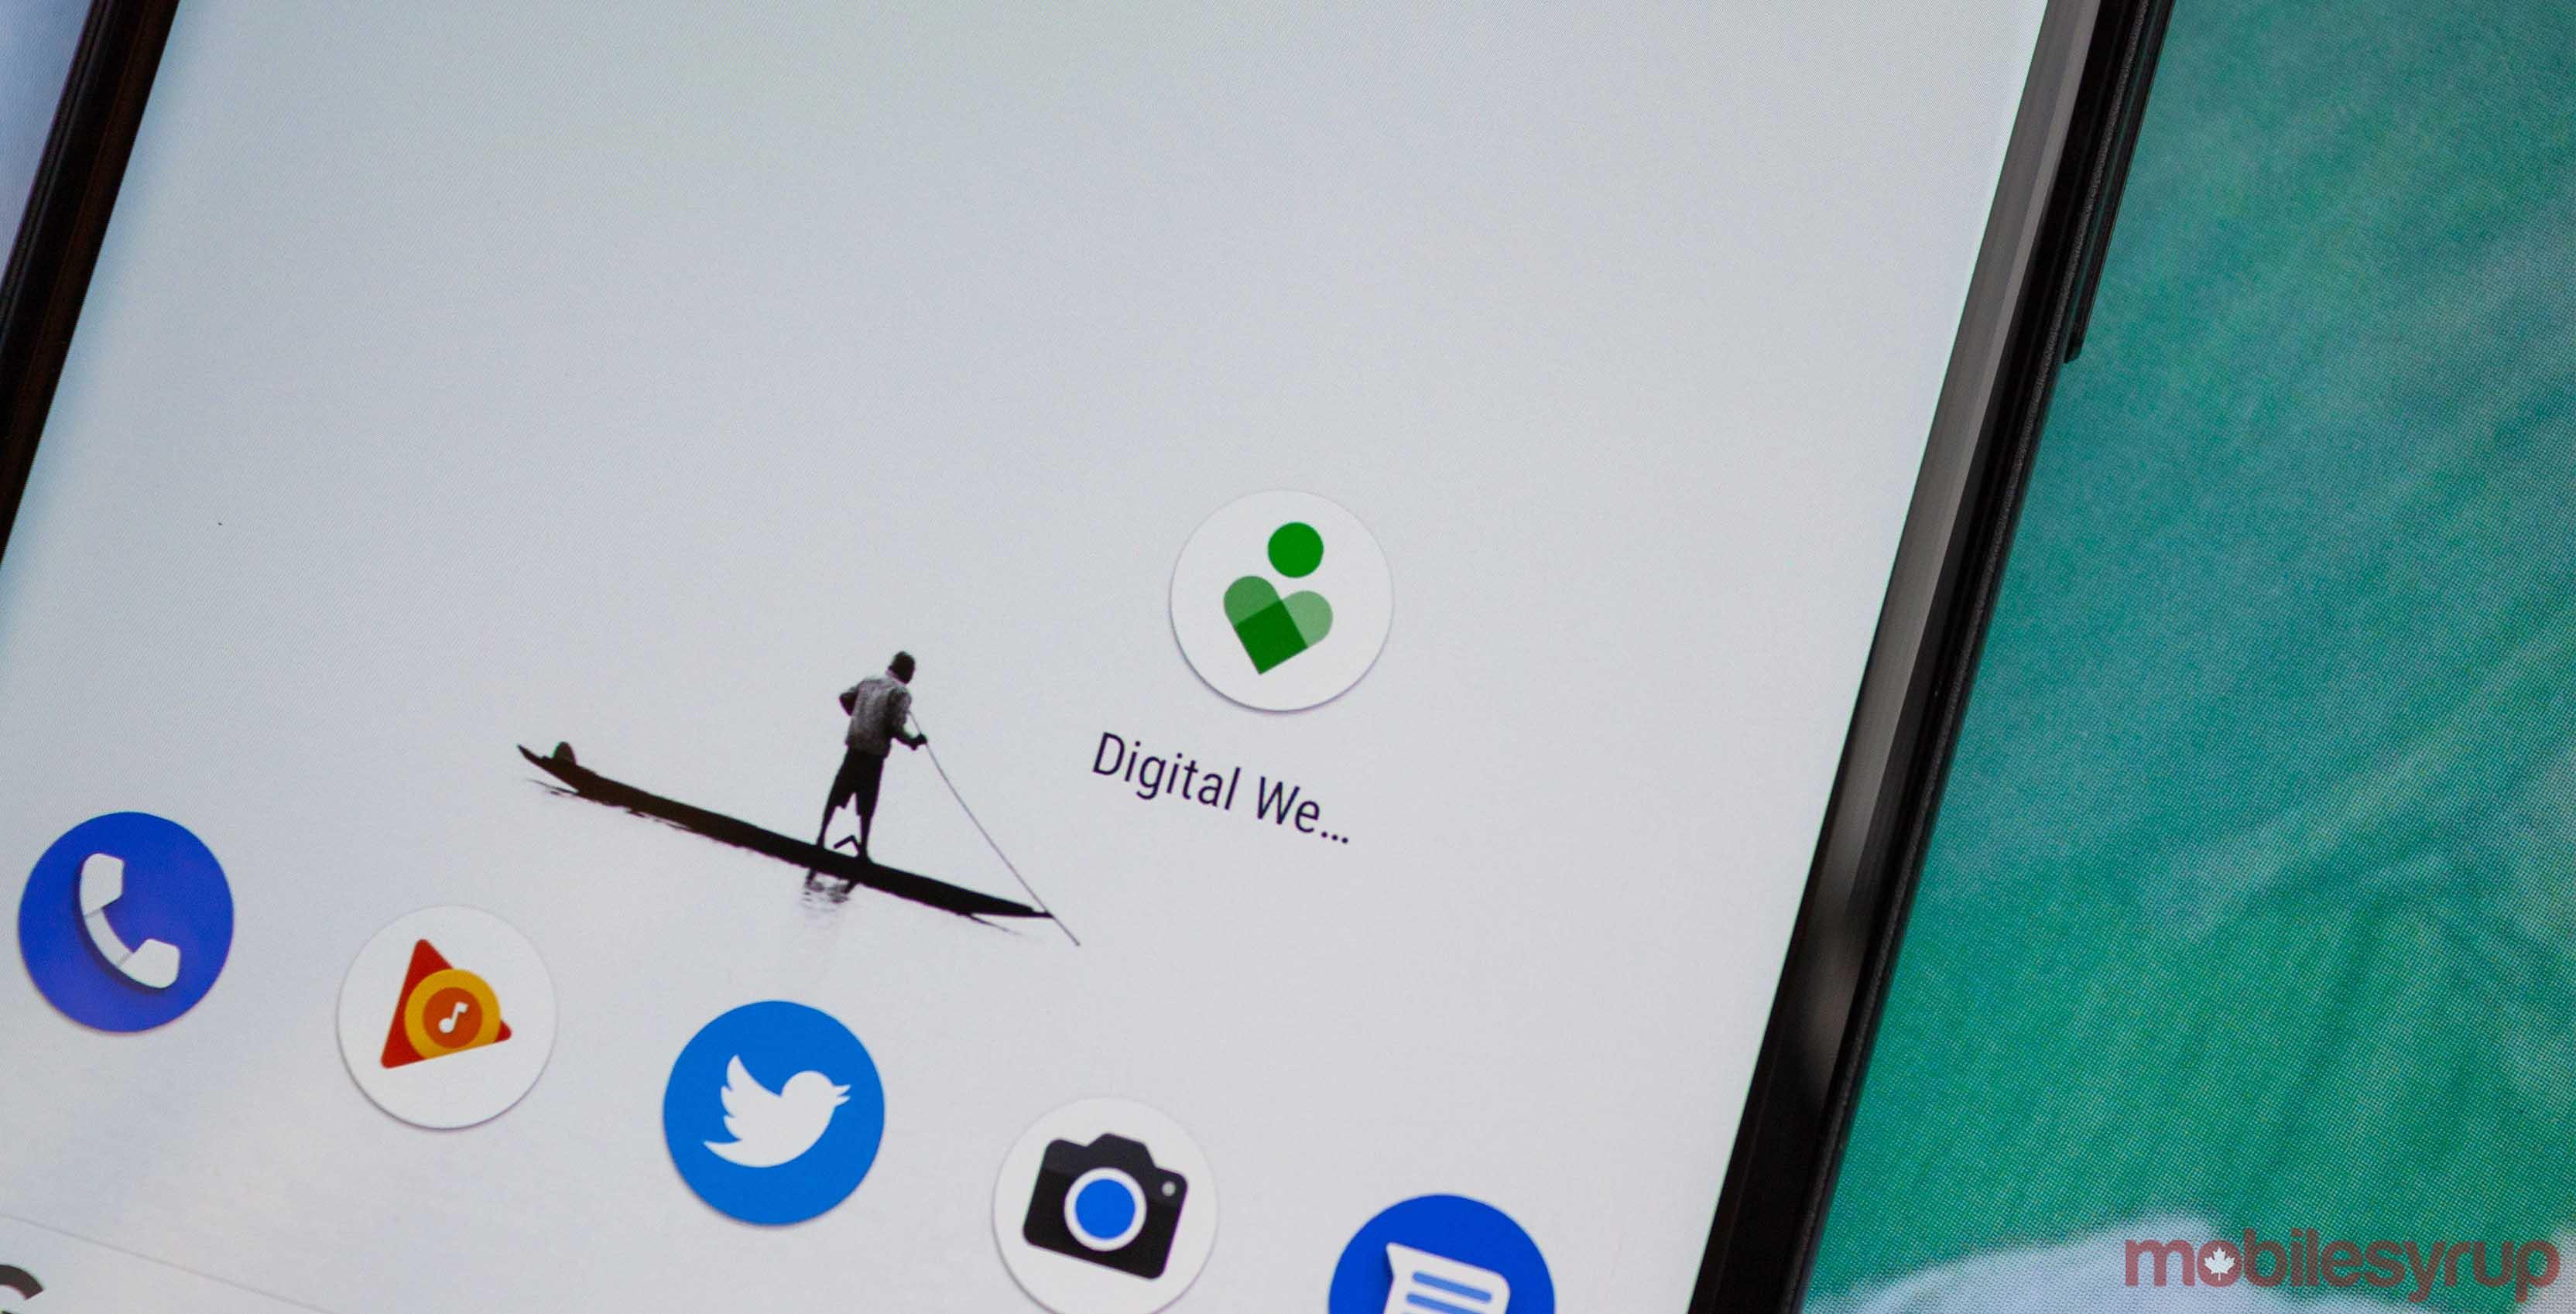 Digital Wellbeing app icon